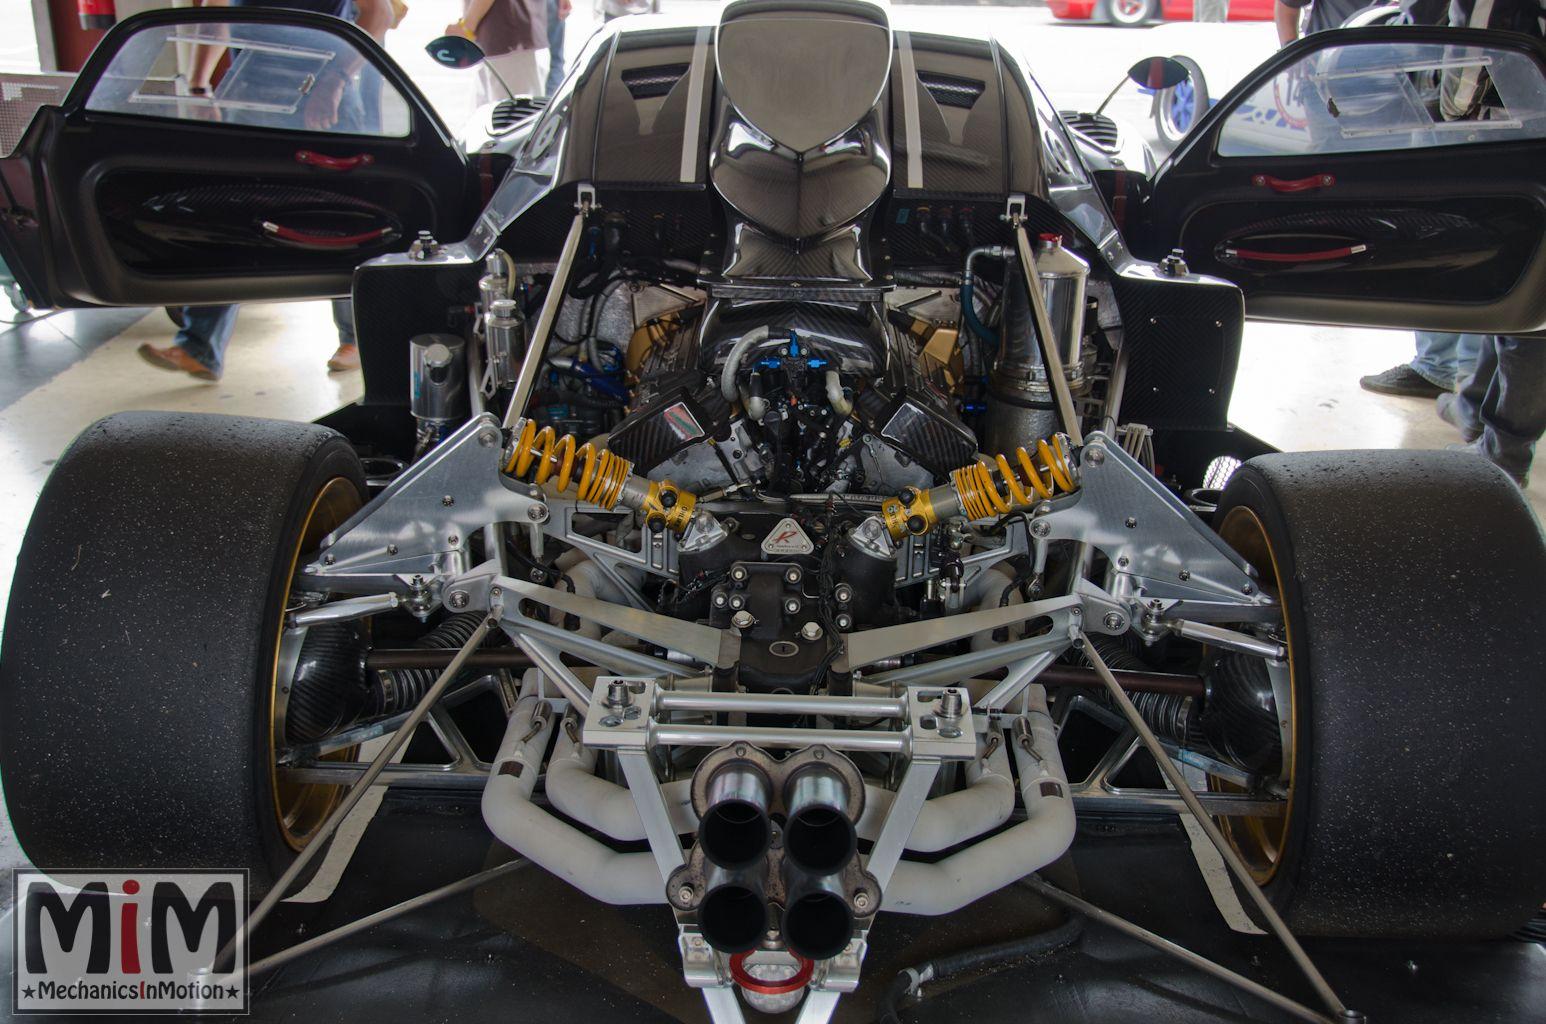 2009 Pagani Zonda R engine 6.0 L V12 750 HP 710 NM | Pagani ...